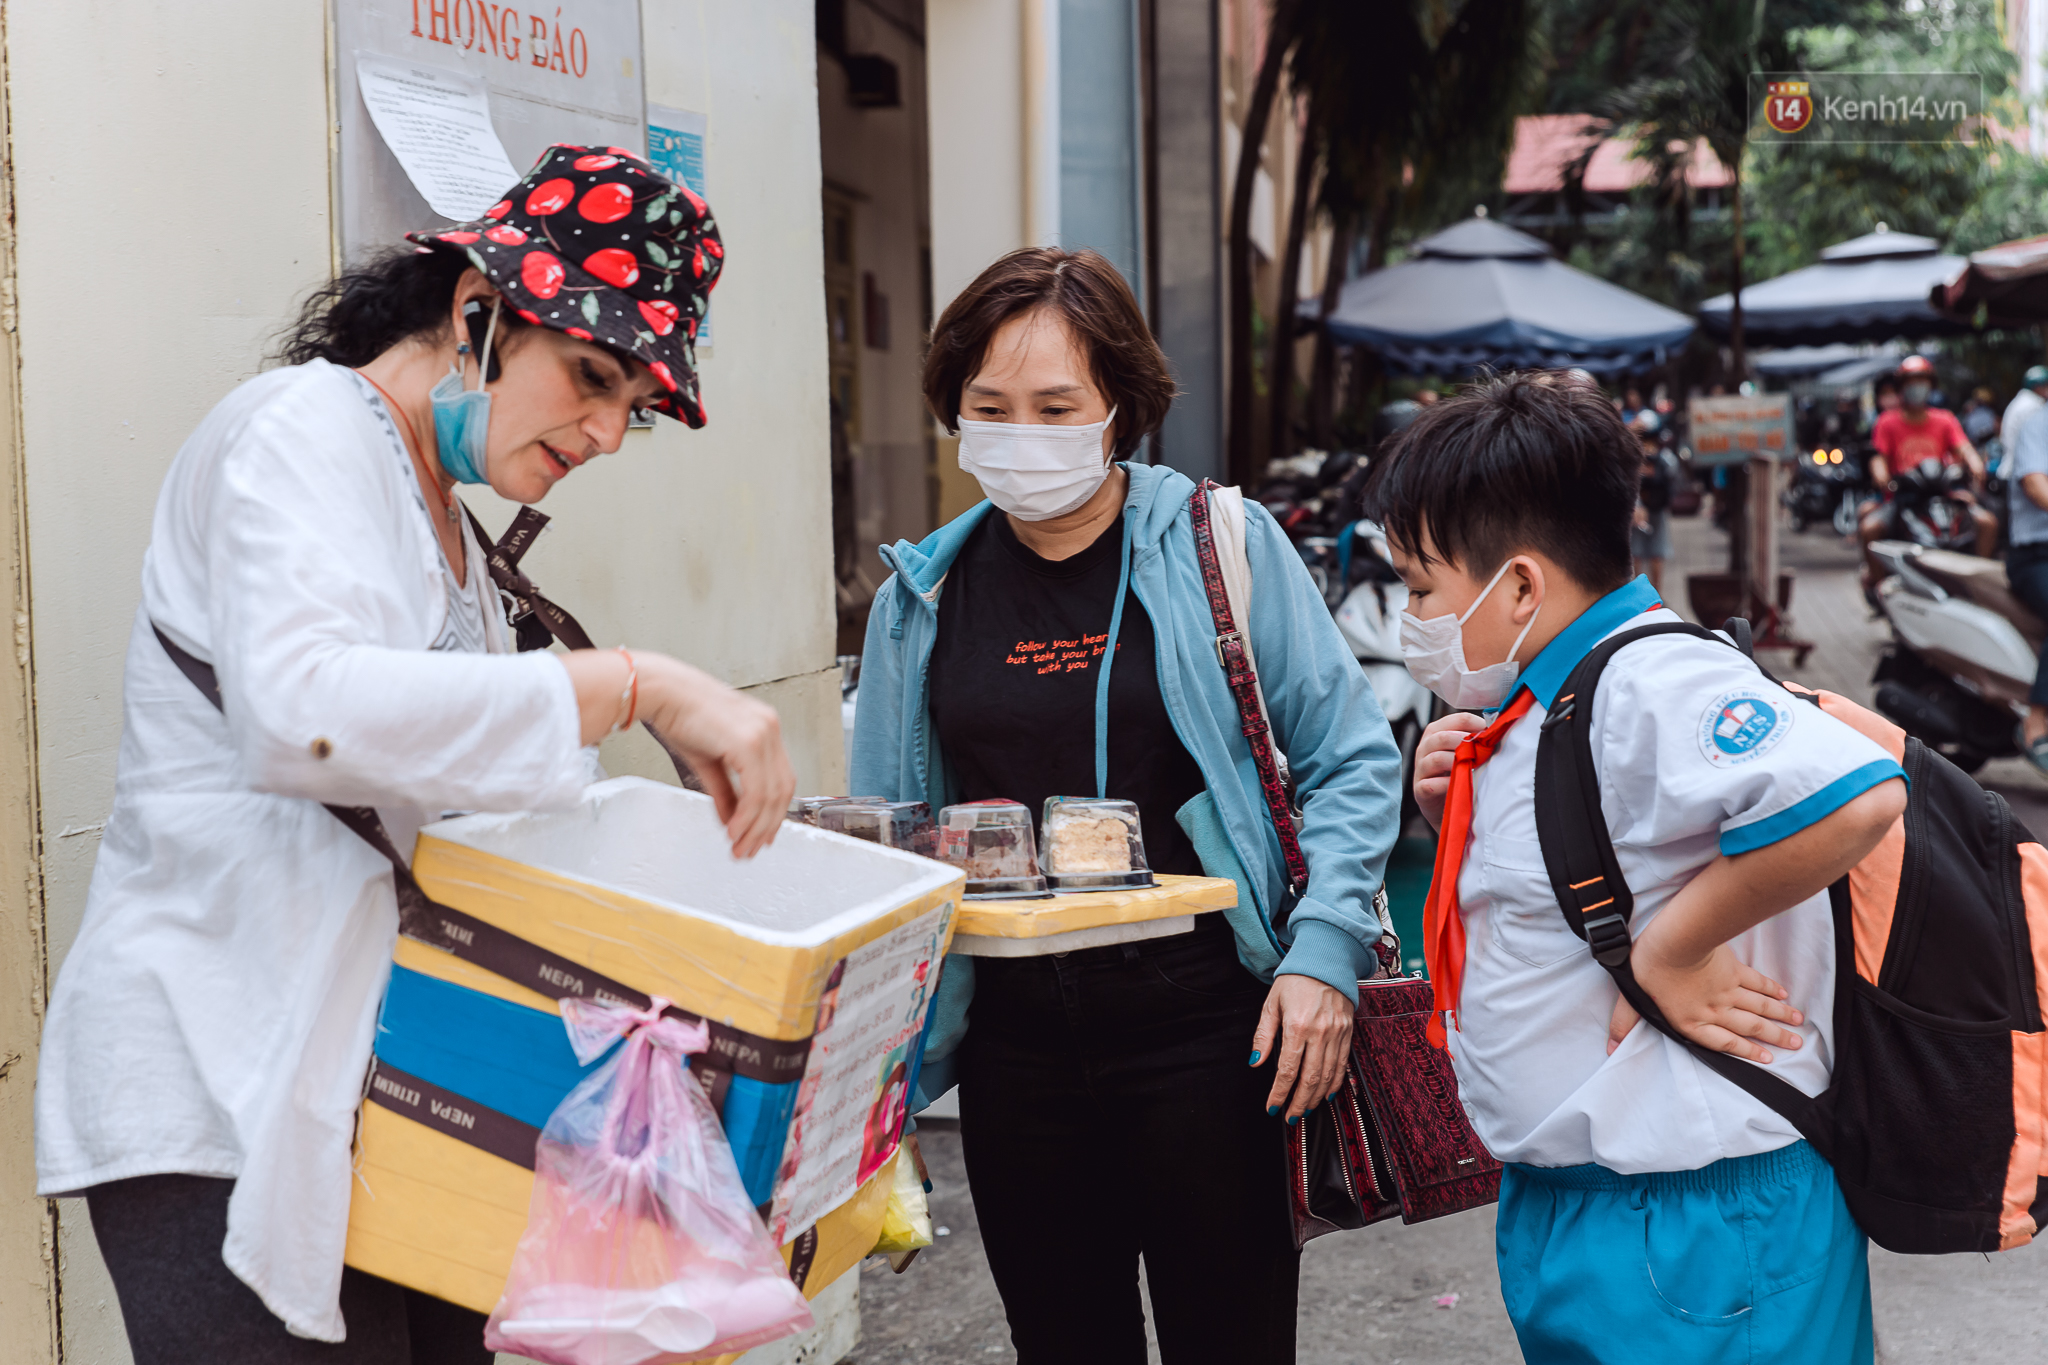 Ảnh, clip: Gặp cô Tây xinh đẹp bán bánh kem dạo mưu sinh trên đường phố Sài Gòn - Ảnh 6.